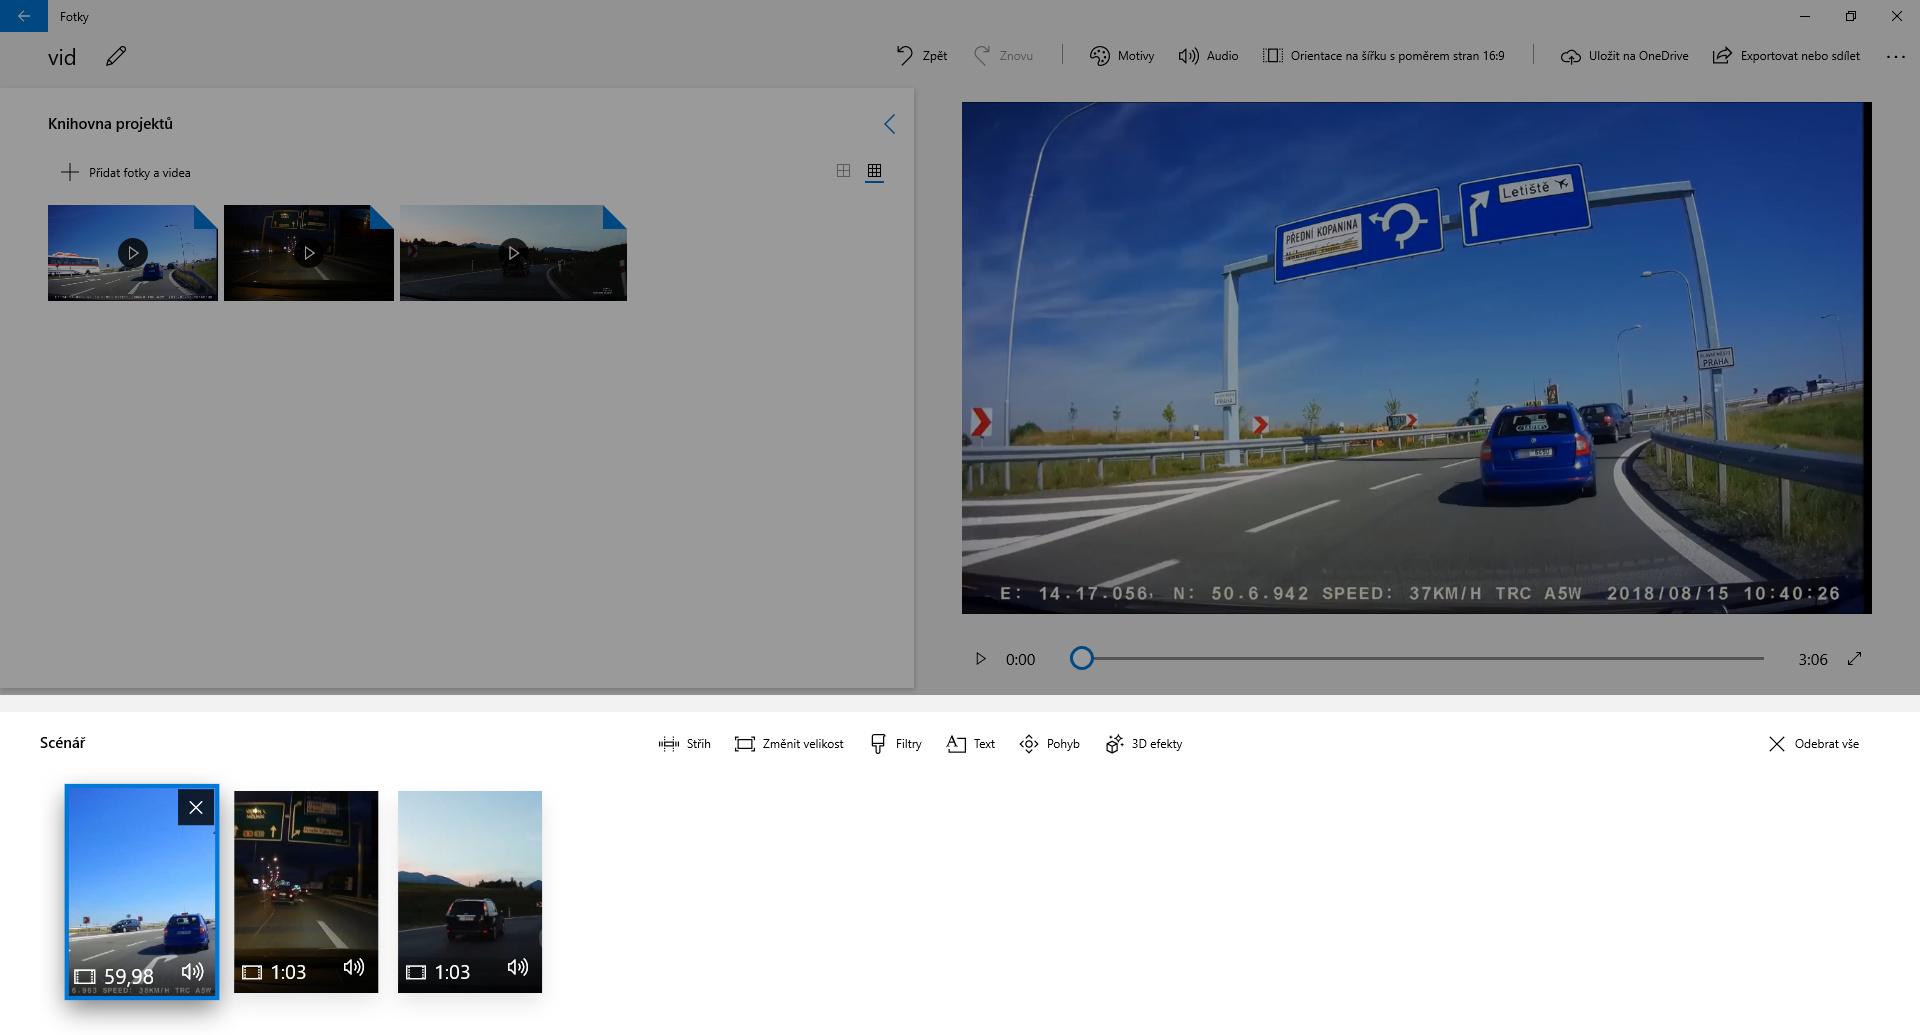 Spojení několika záznamů z autokamery do jednoho video souboru - obrázek 3